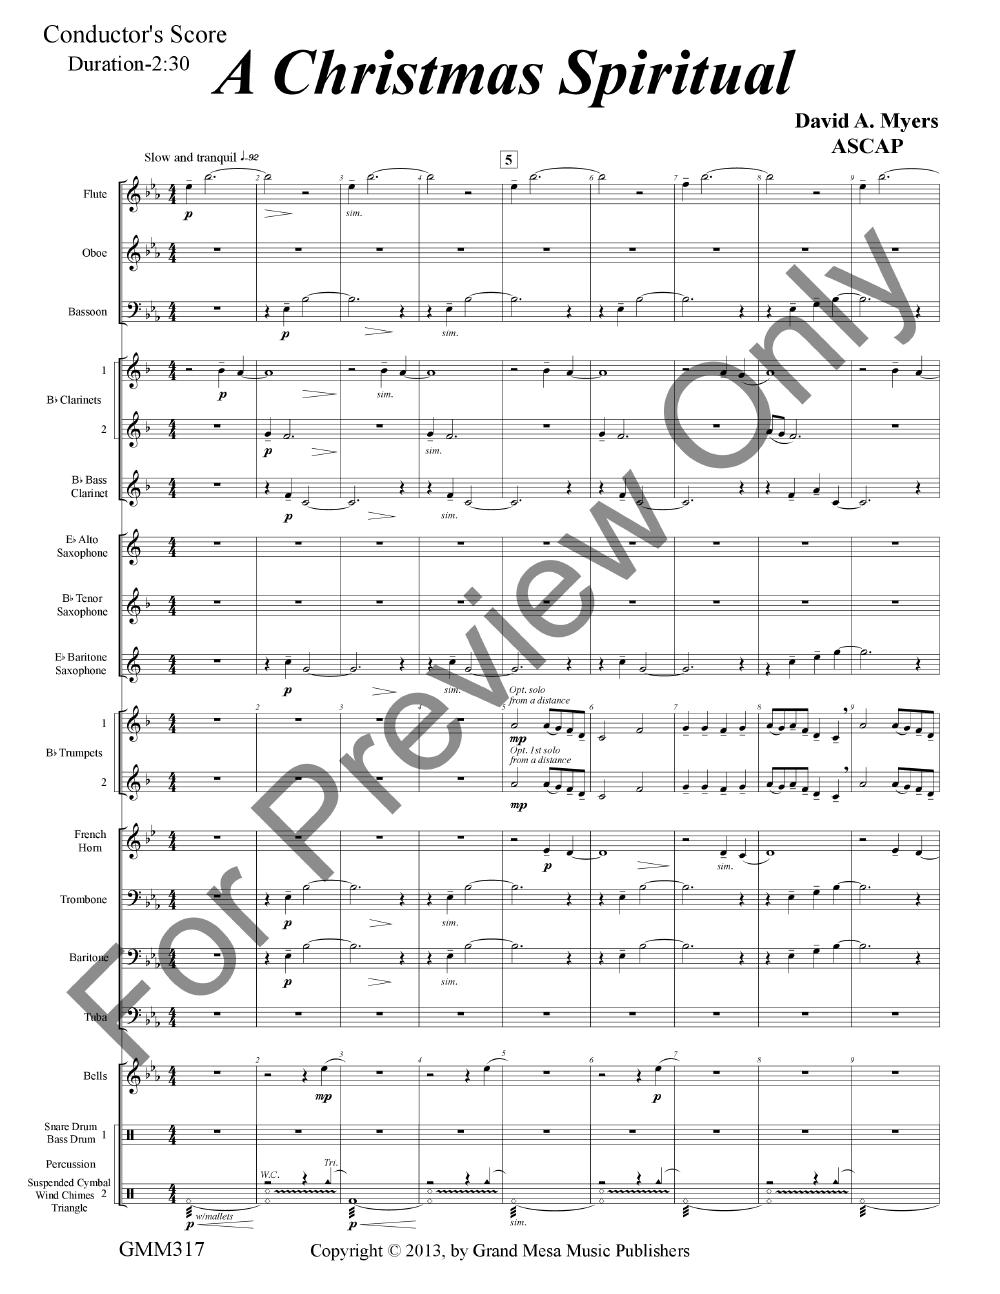 A Christmas Spiritual arr. David A. Myers| J.W. Pepper Sheet Music